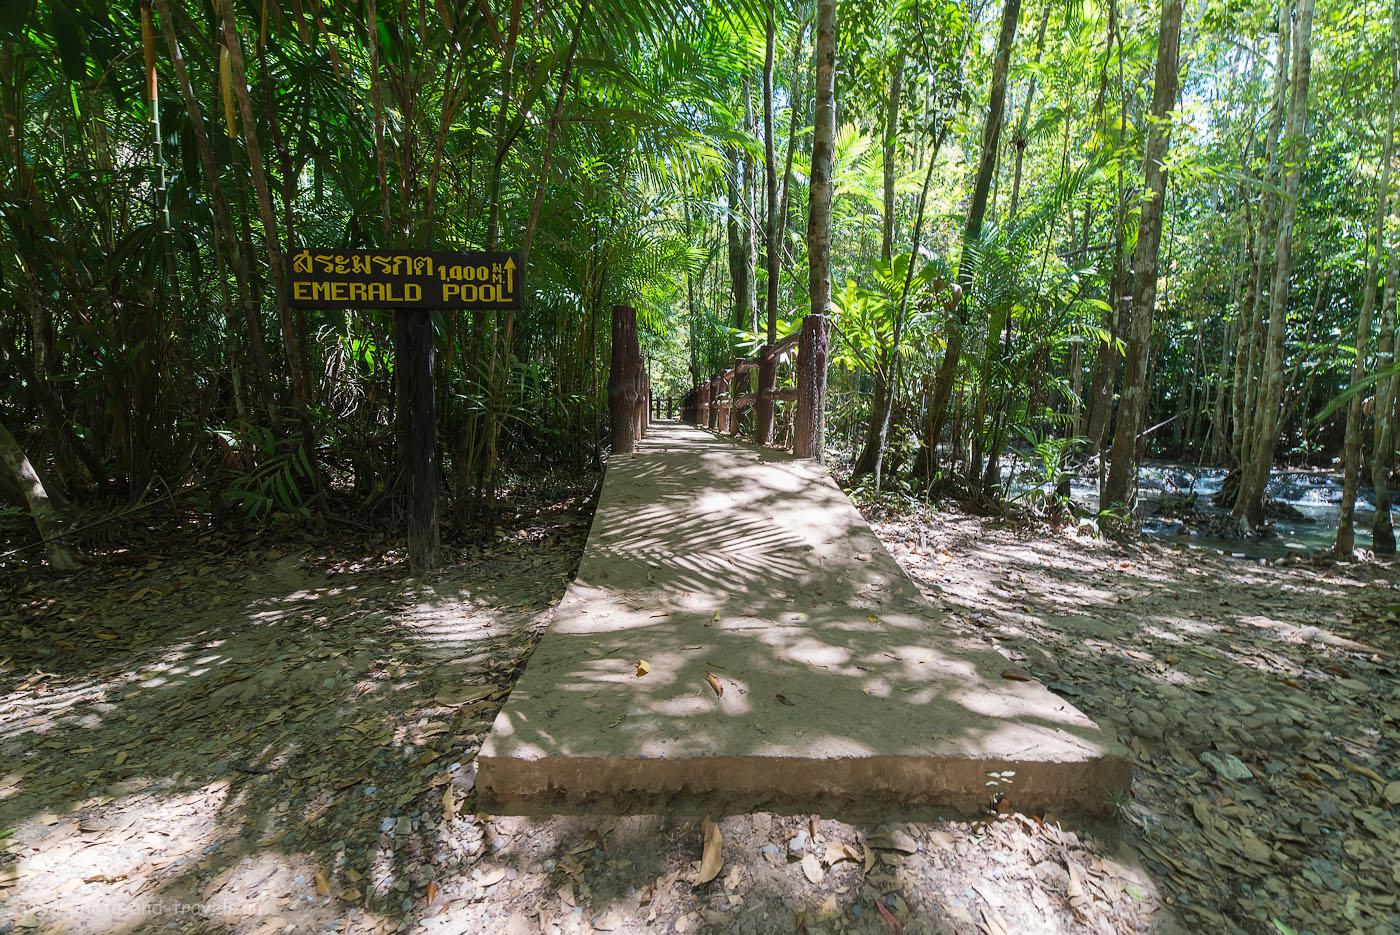 24. Начало длинной тропы к озеру Emerald Pool (Изумрудный бассейн) в парке Khao Phra Bang Khram Nature Reserve (250, 14, 9.0, 1/25)